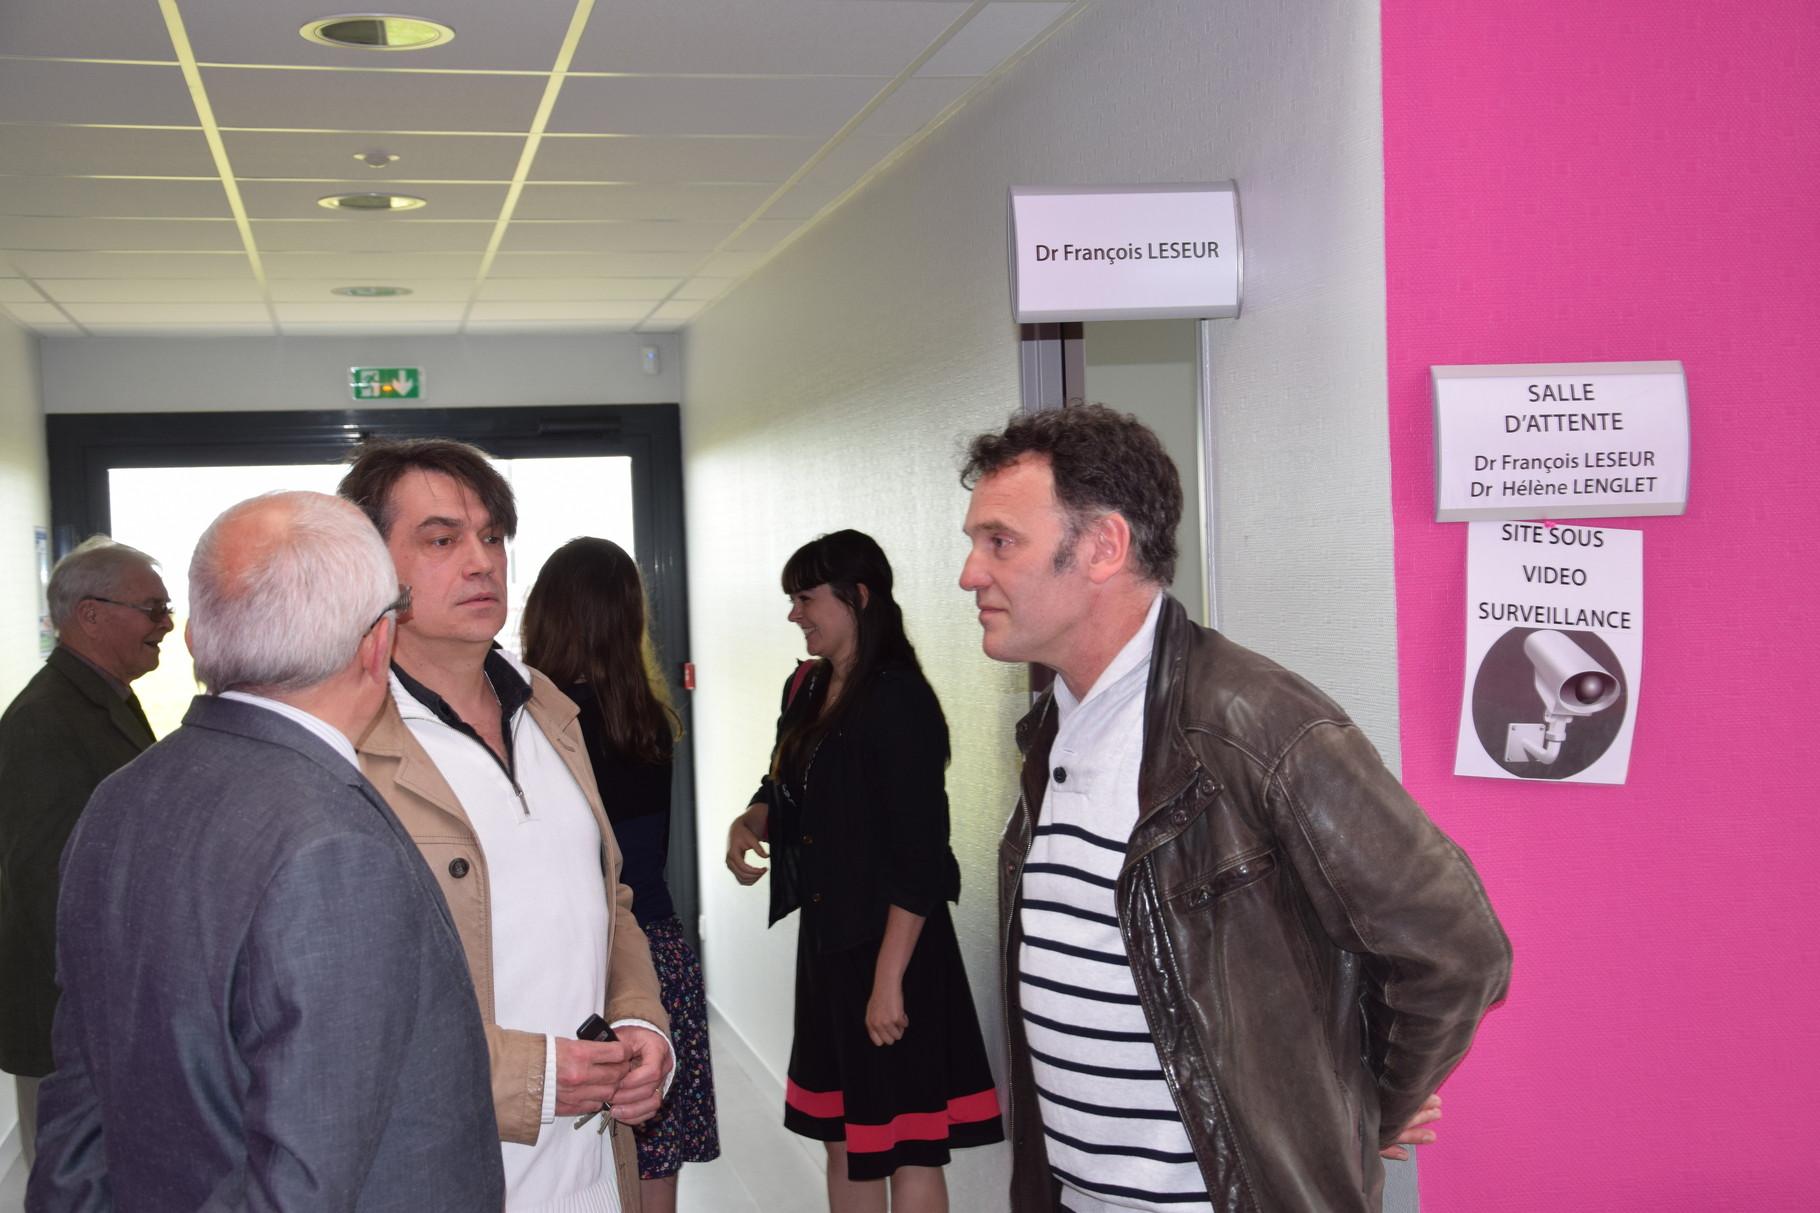 Les docteurs Brassart et Leseur échangent avec le docteur Vassant de Roisel.